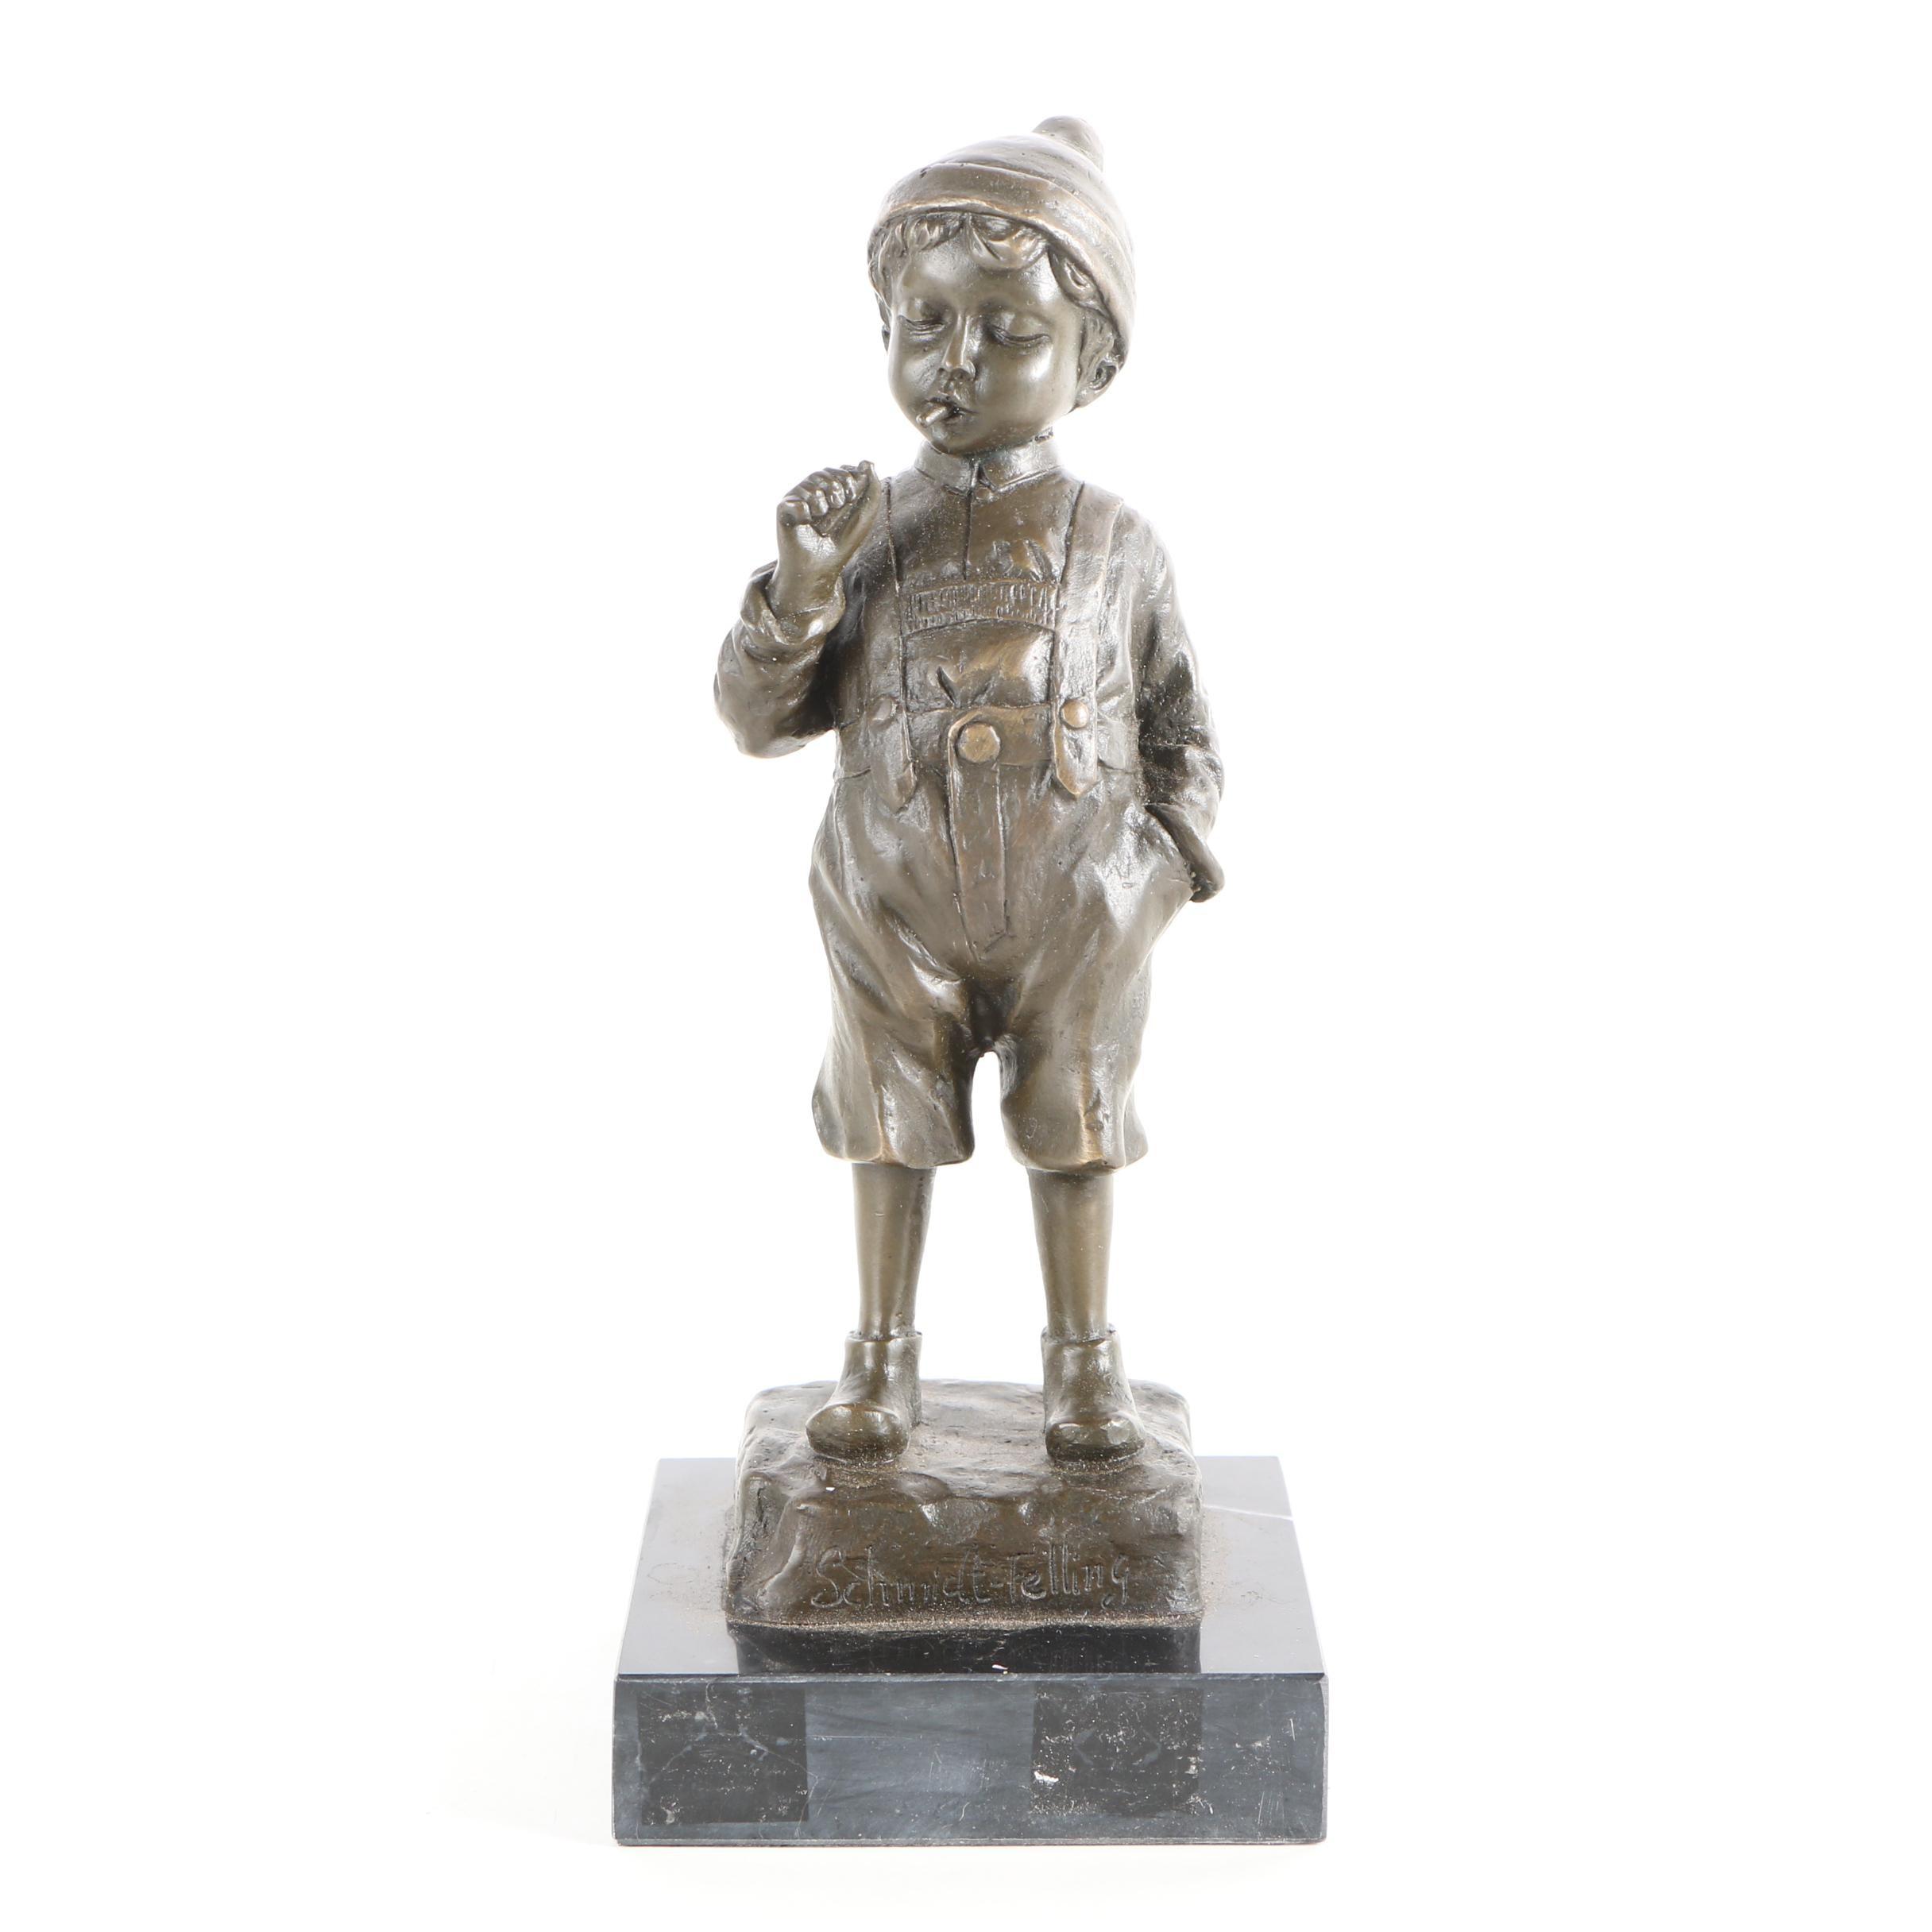 Schmidt-Felling Brass Sculpture of Boy